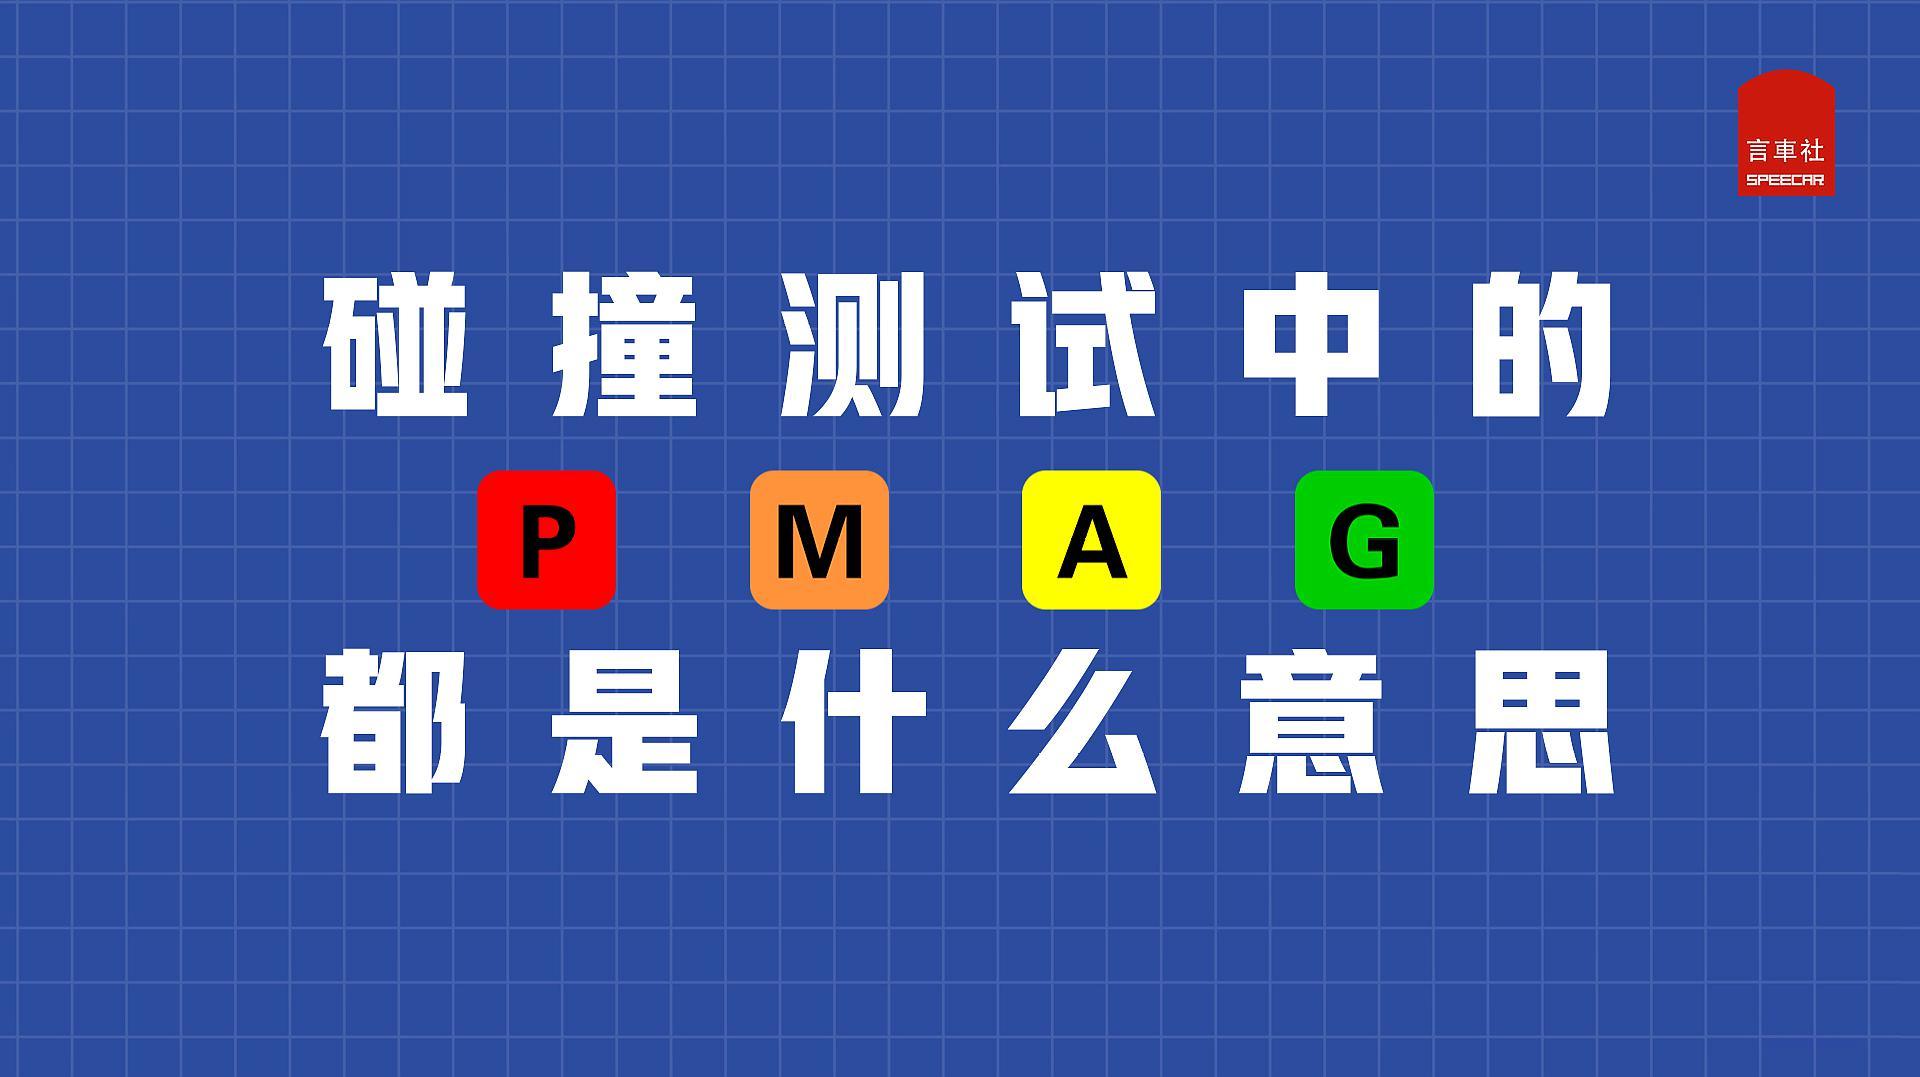 碰撞测试中的PMAG都是啥意思?